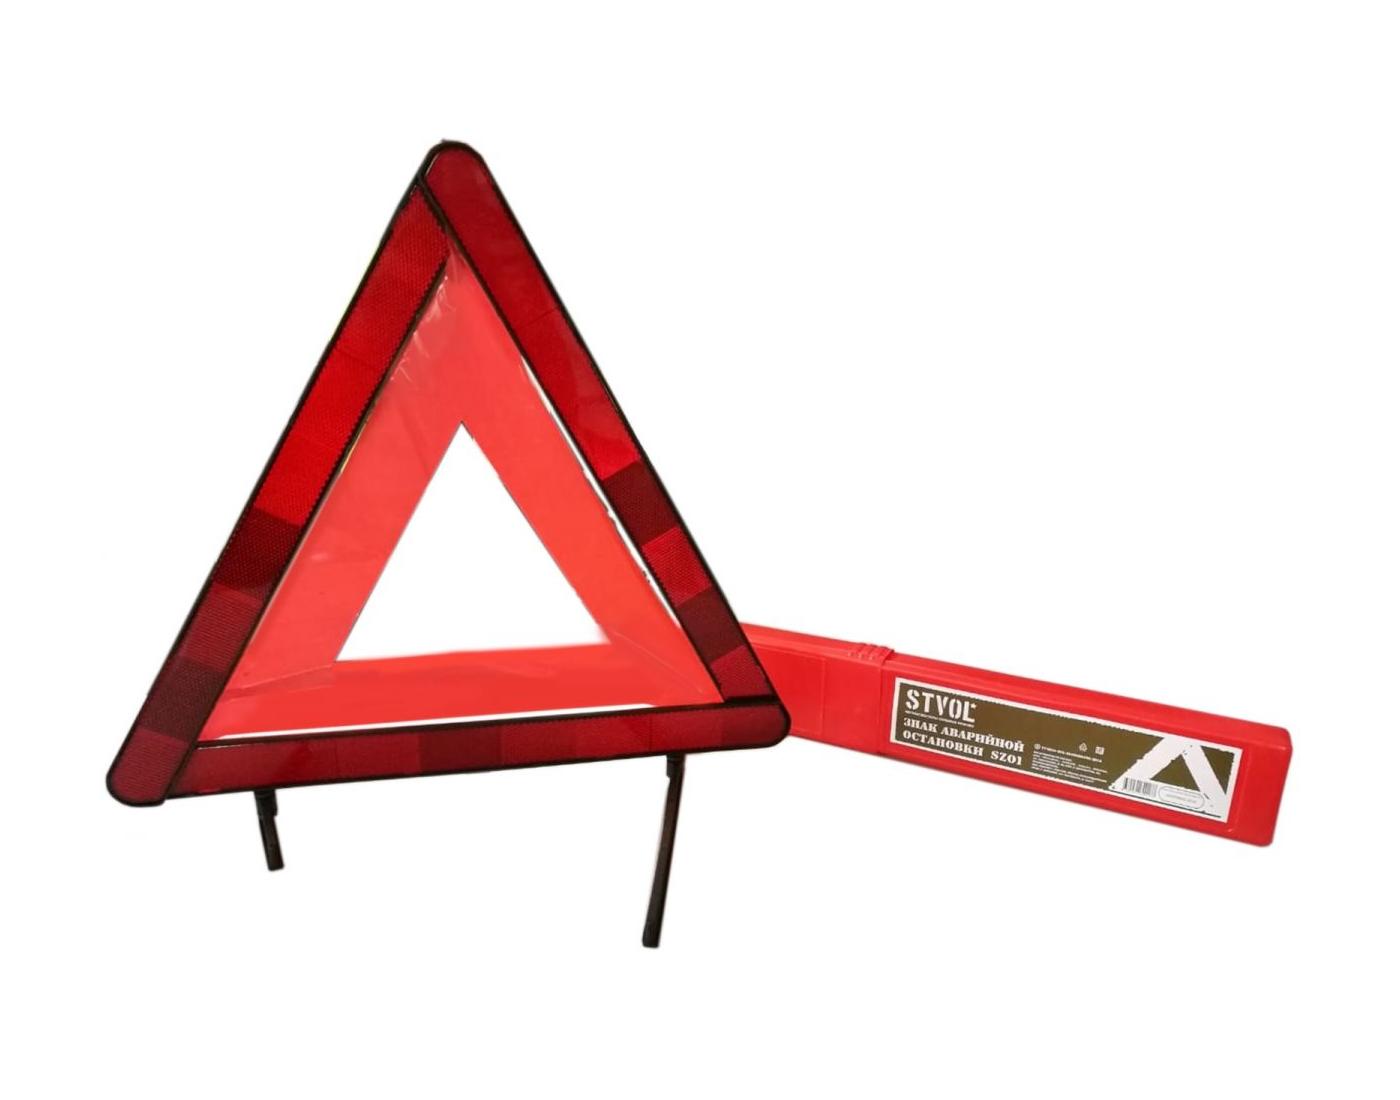 Знак аварийной остановки Stvol